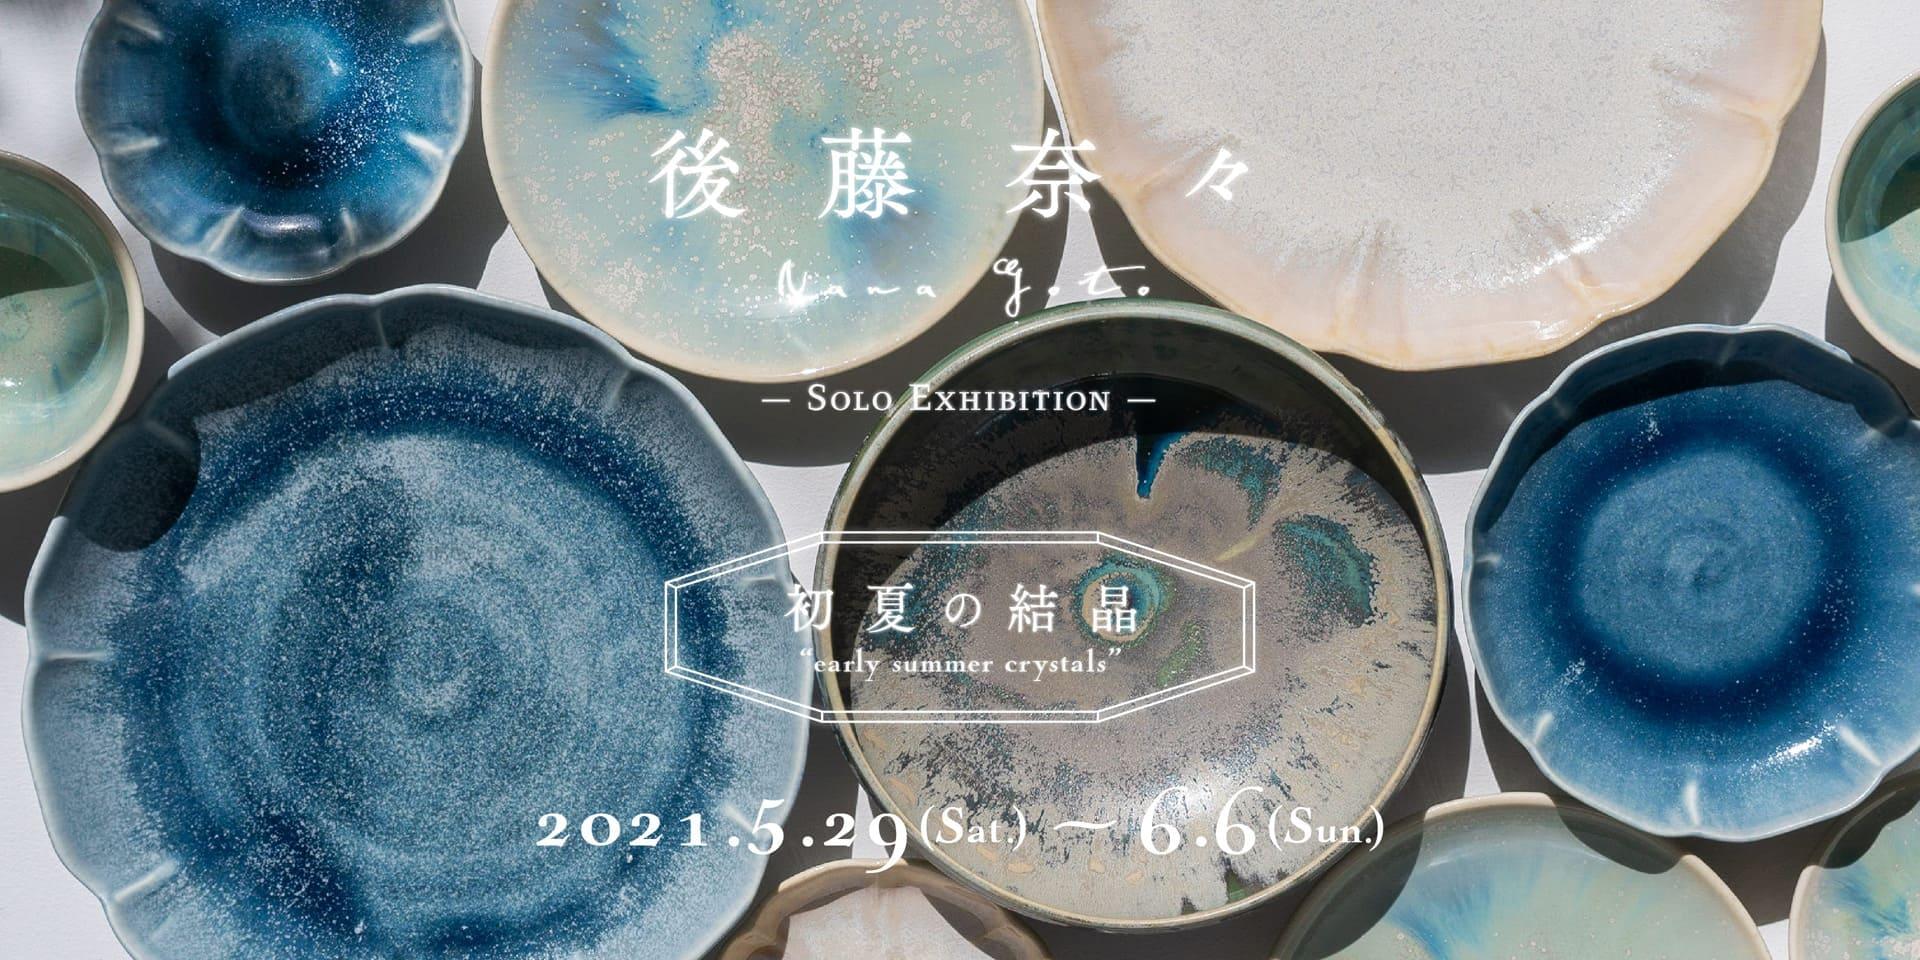 後藤奈々 個展『初夏の結晶』